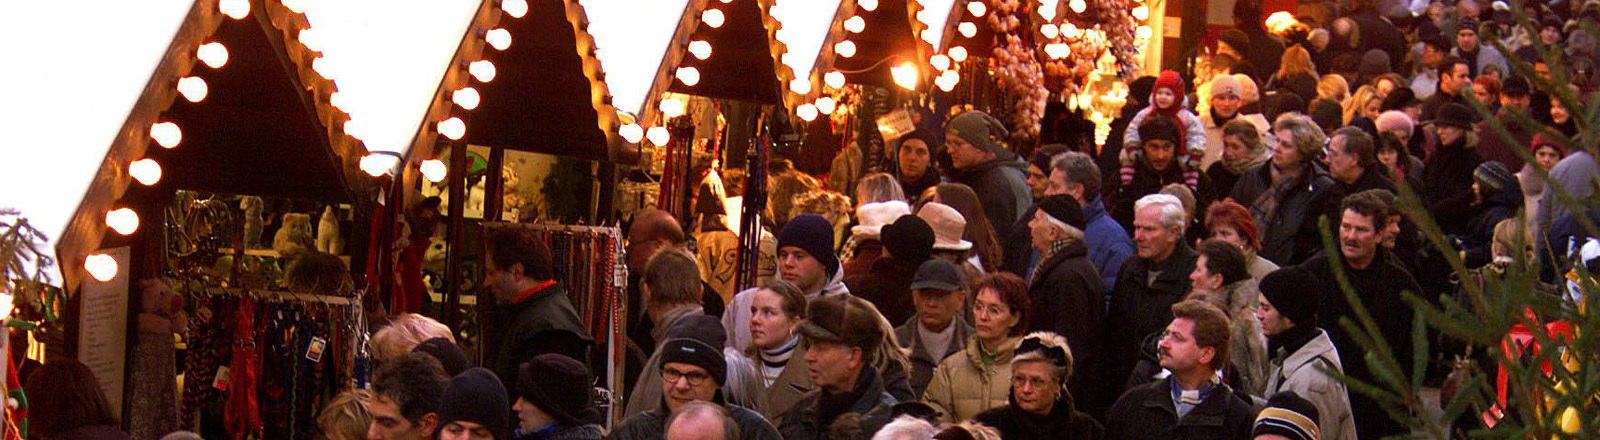 Gedränge auf einem Berliner Weihnachtsmarkt